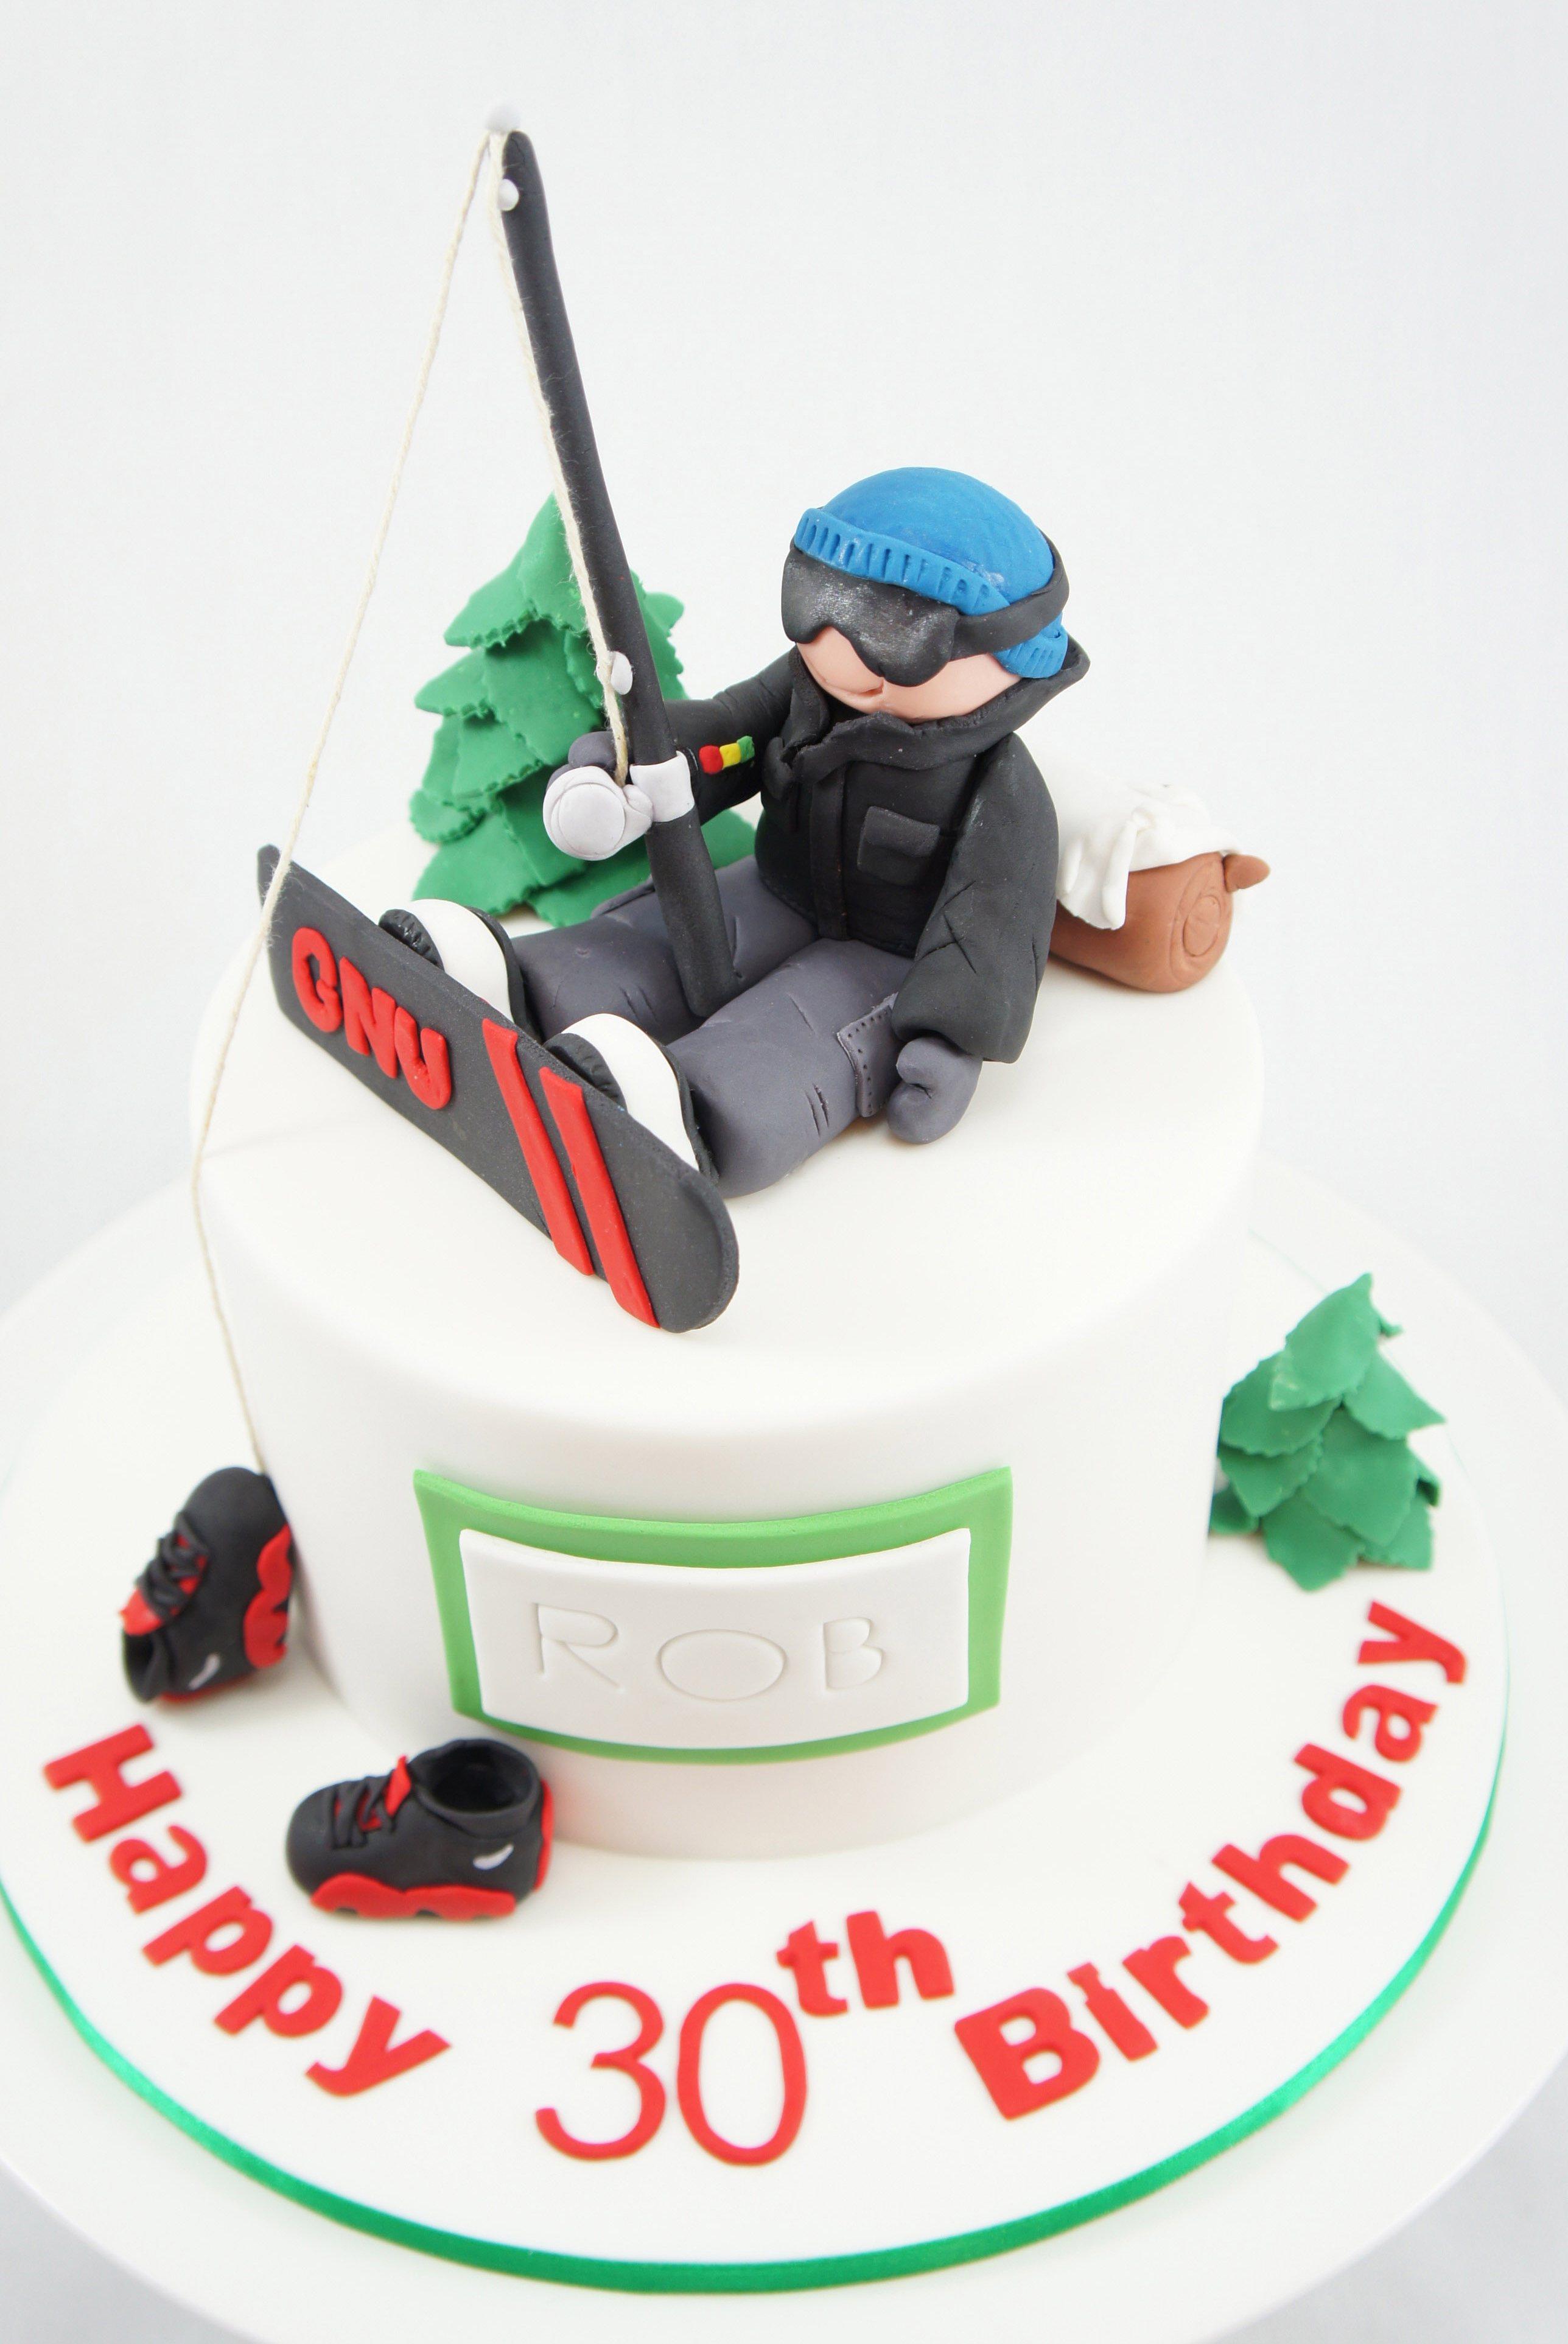 cake-2-cupcakes-snowboarding.jpg